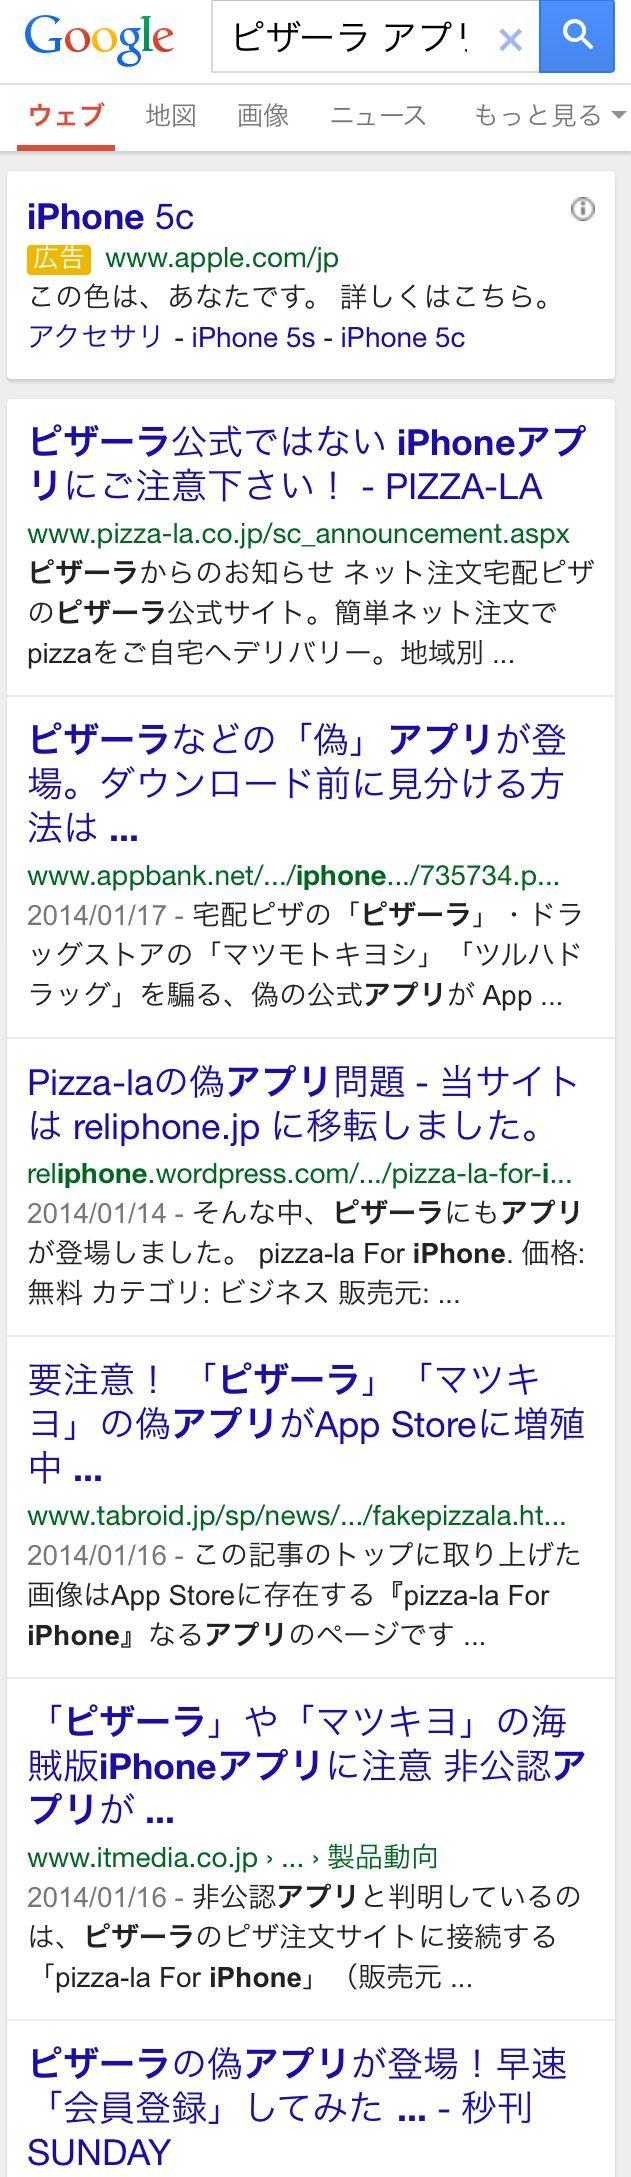 検索結果(ピザーラ アプリ iphone)